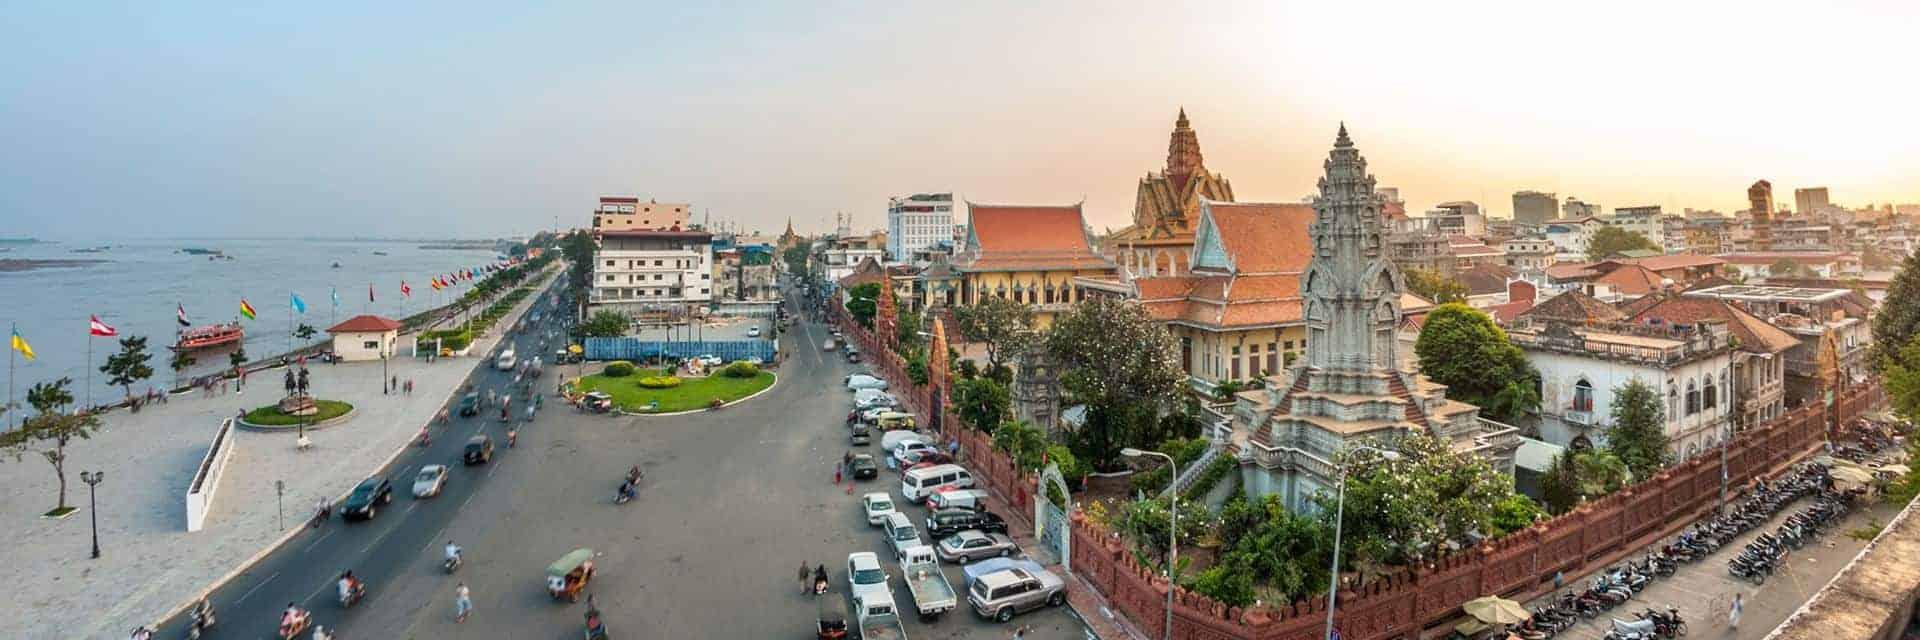 cambodia peo